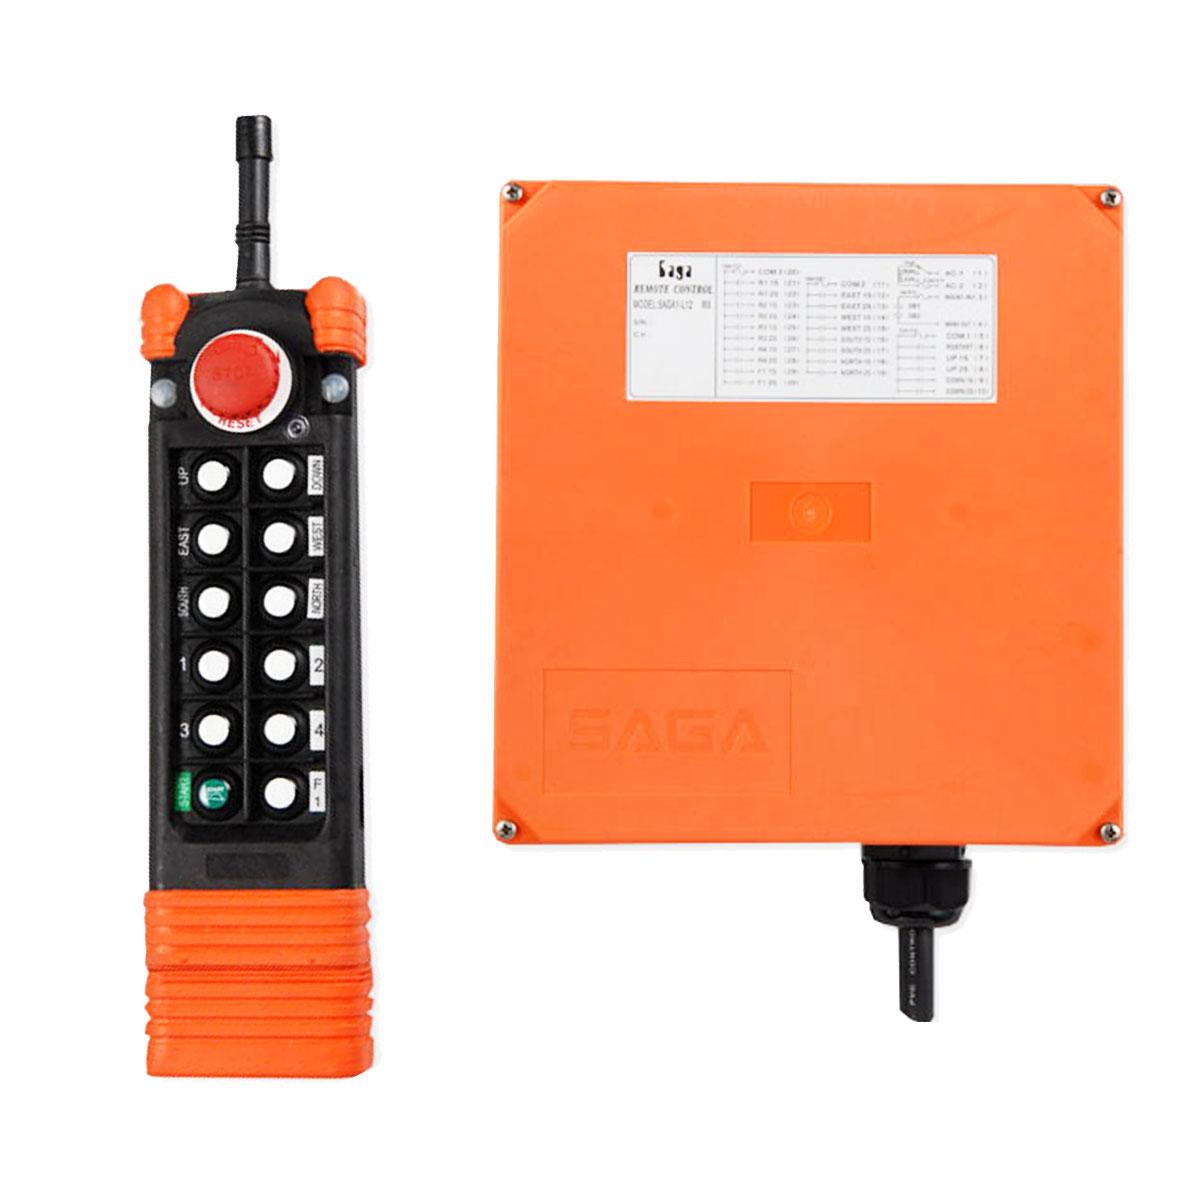 Radiocommande et récepteur Falard L12 et L12-1